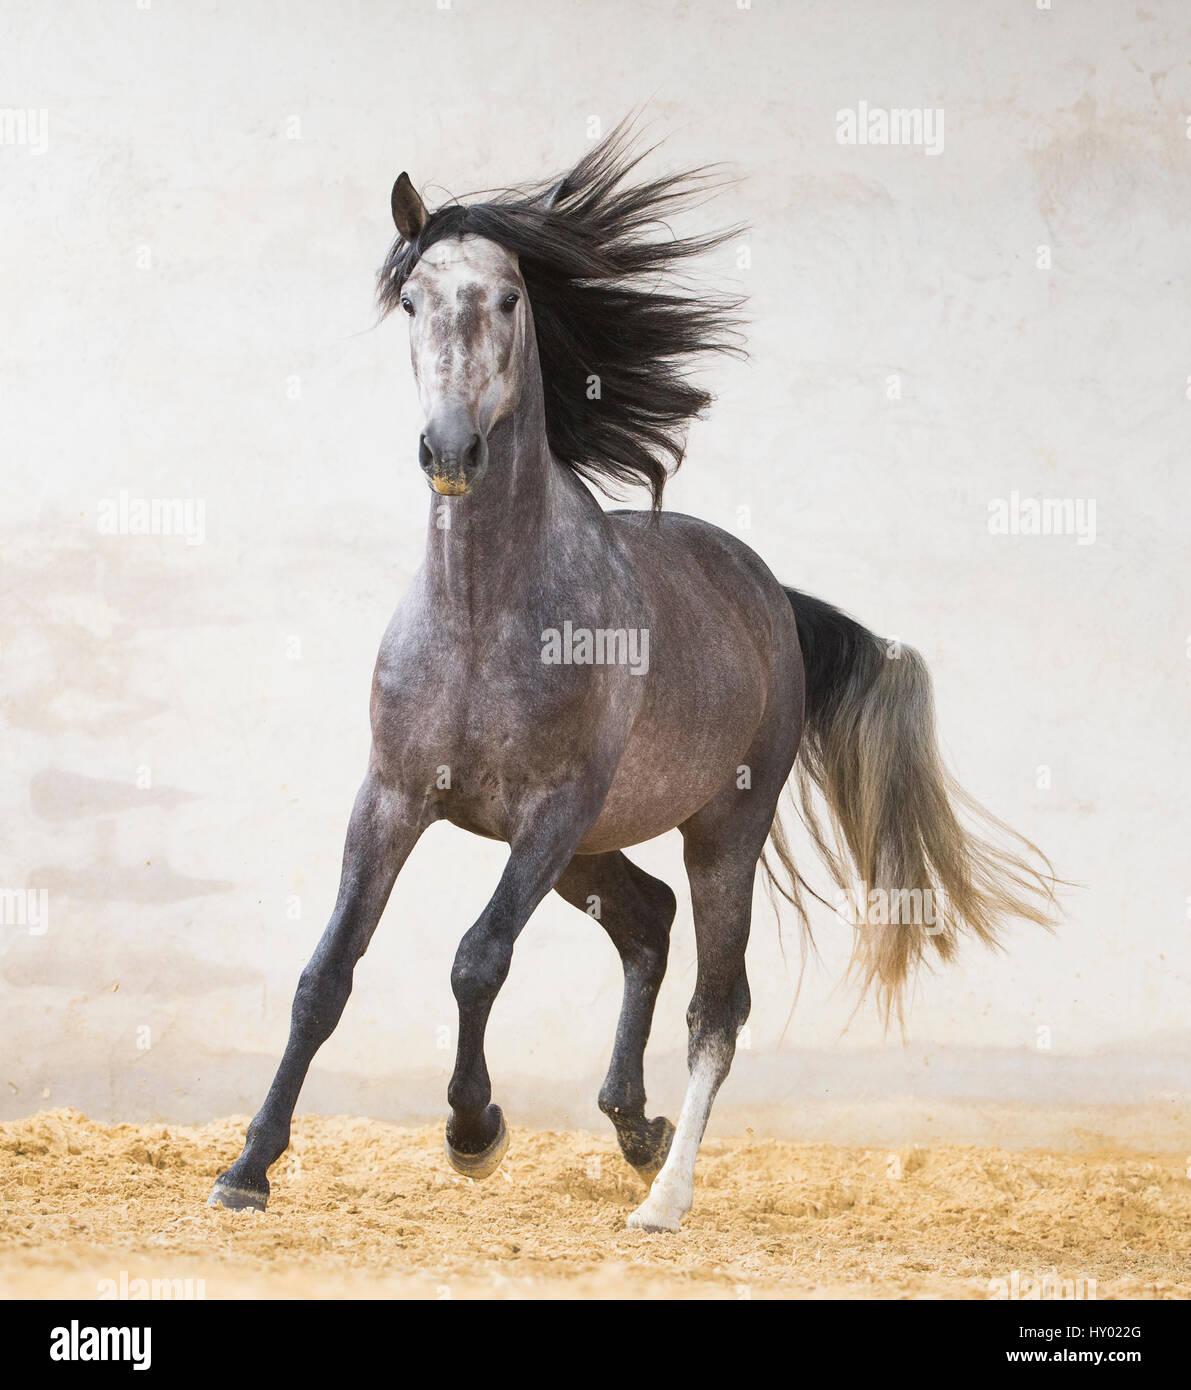 Manchan gris semental andaluz girando en la arena, en el norte de Francia, en Europa. De marzo. Imagen De Stock